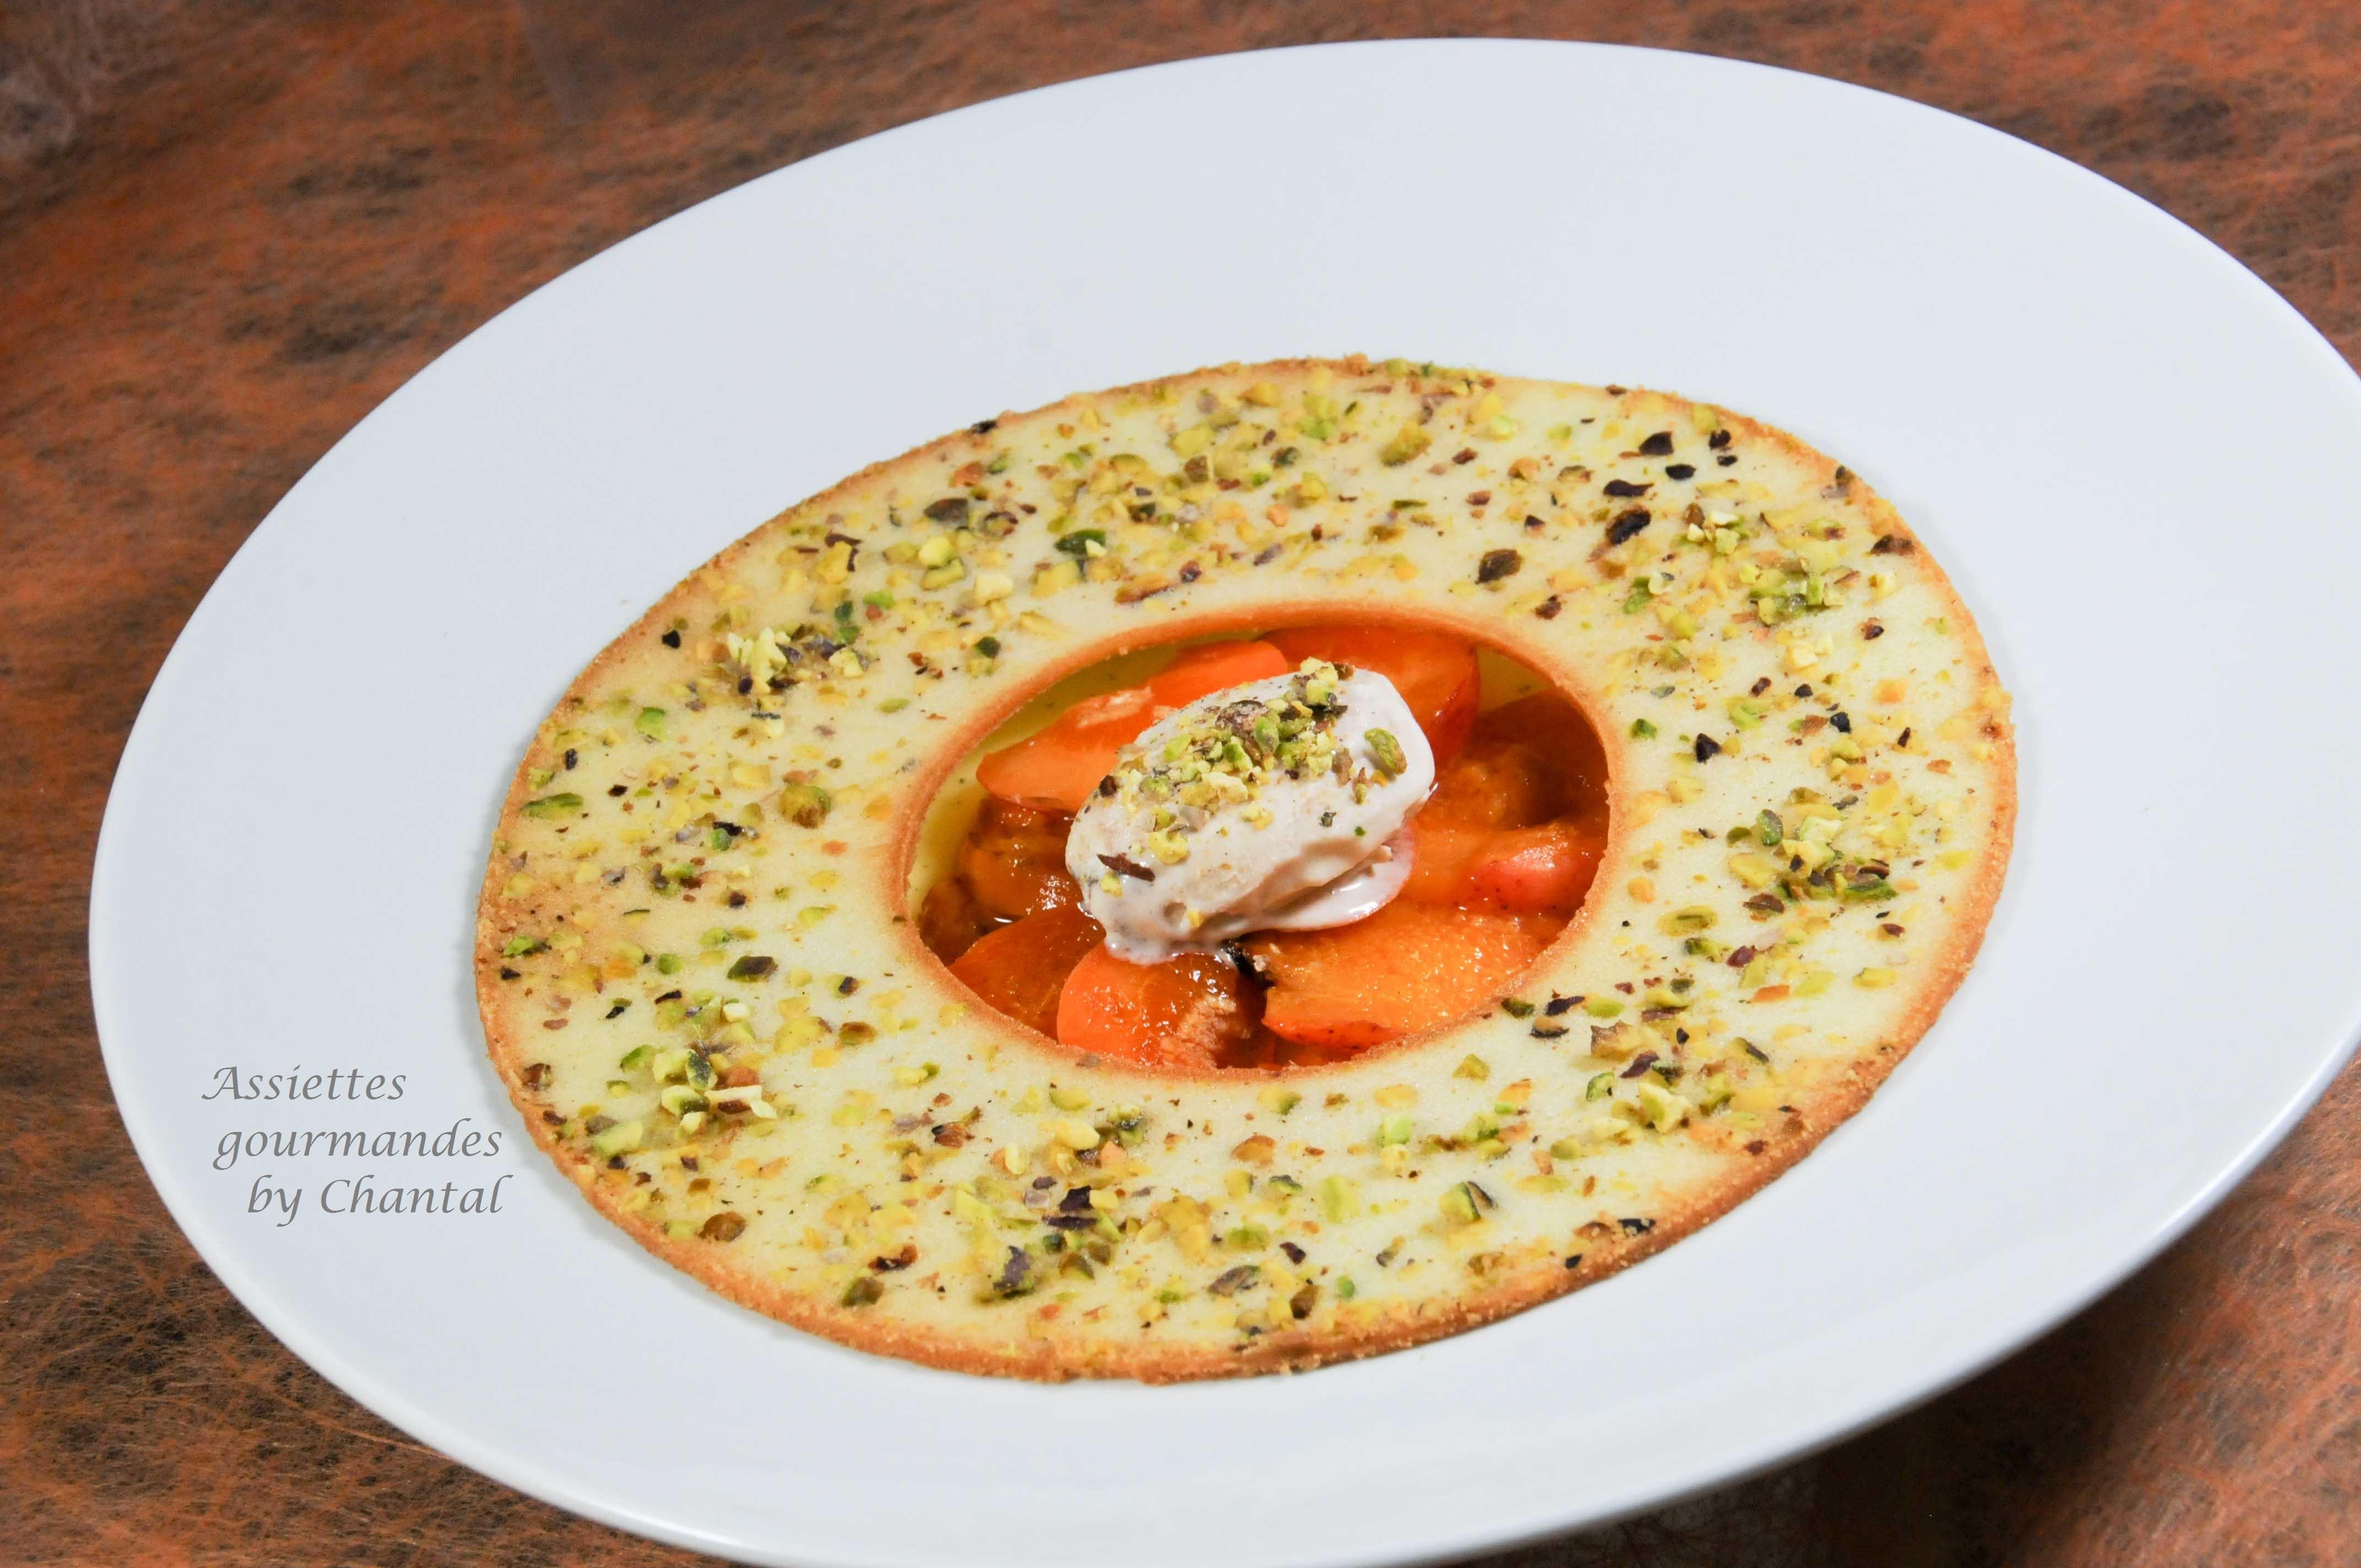 Blanc-manger à la badiane, abricots crus cuits et croustillant aux pistaches